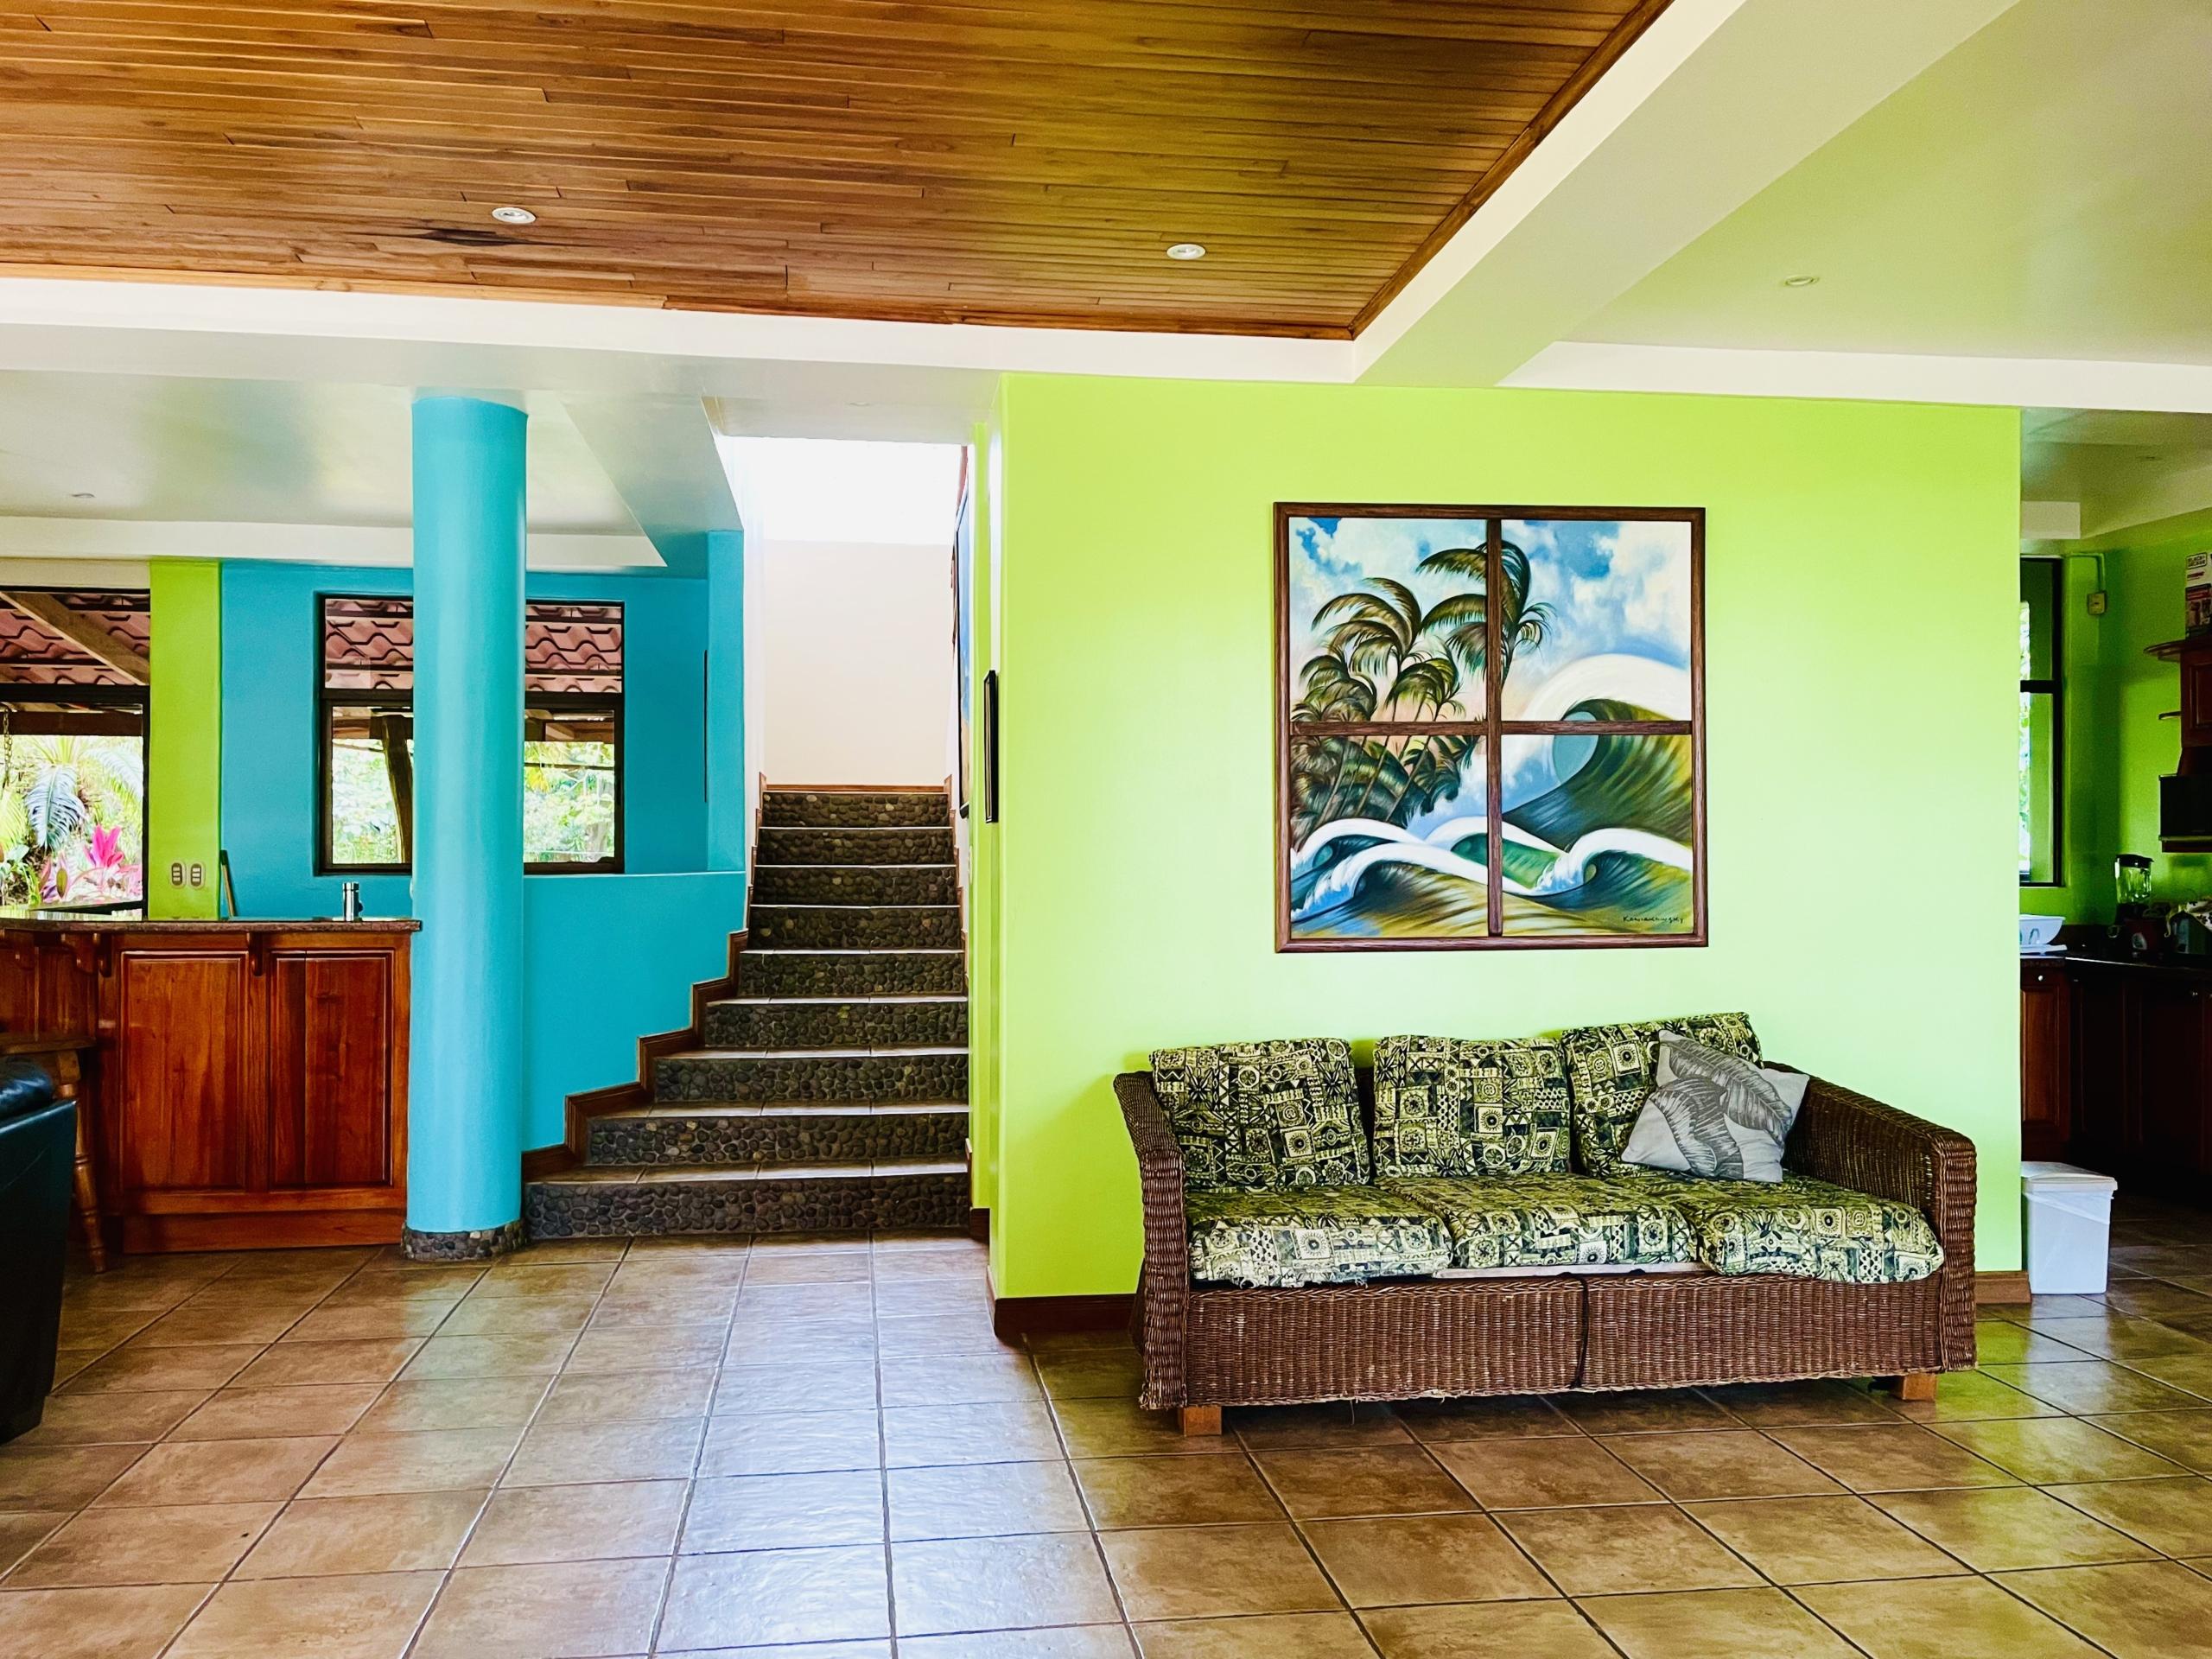 boca-barranca-costa-rica-villa-entry